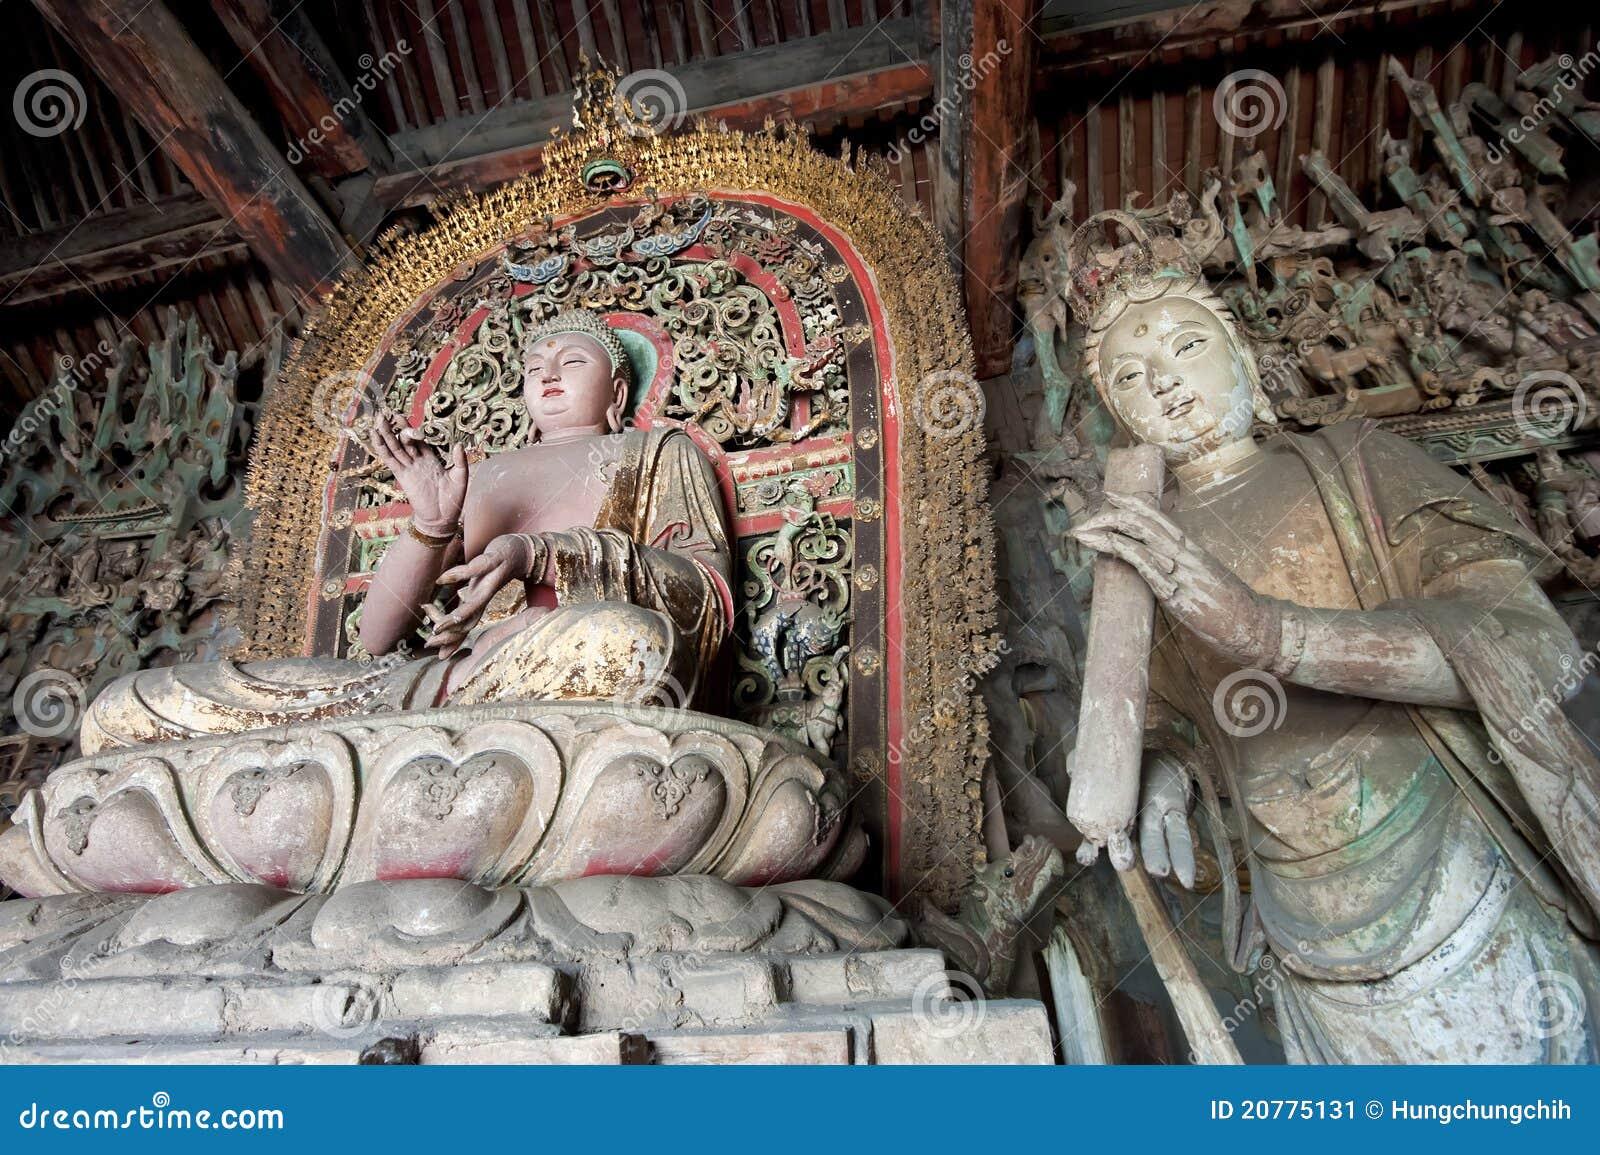 Statue of Sakyamuni buddha and female bodhisattva